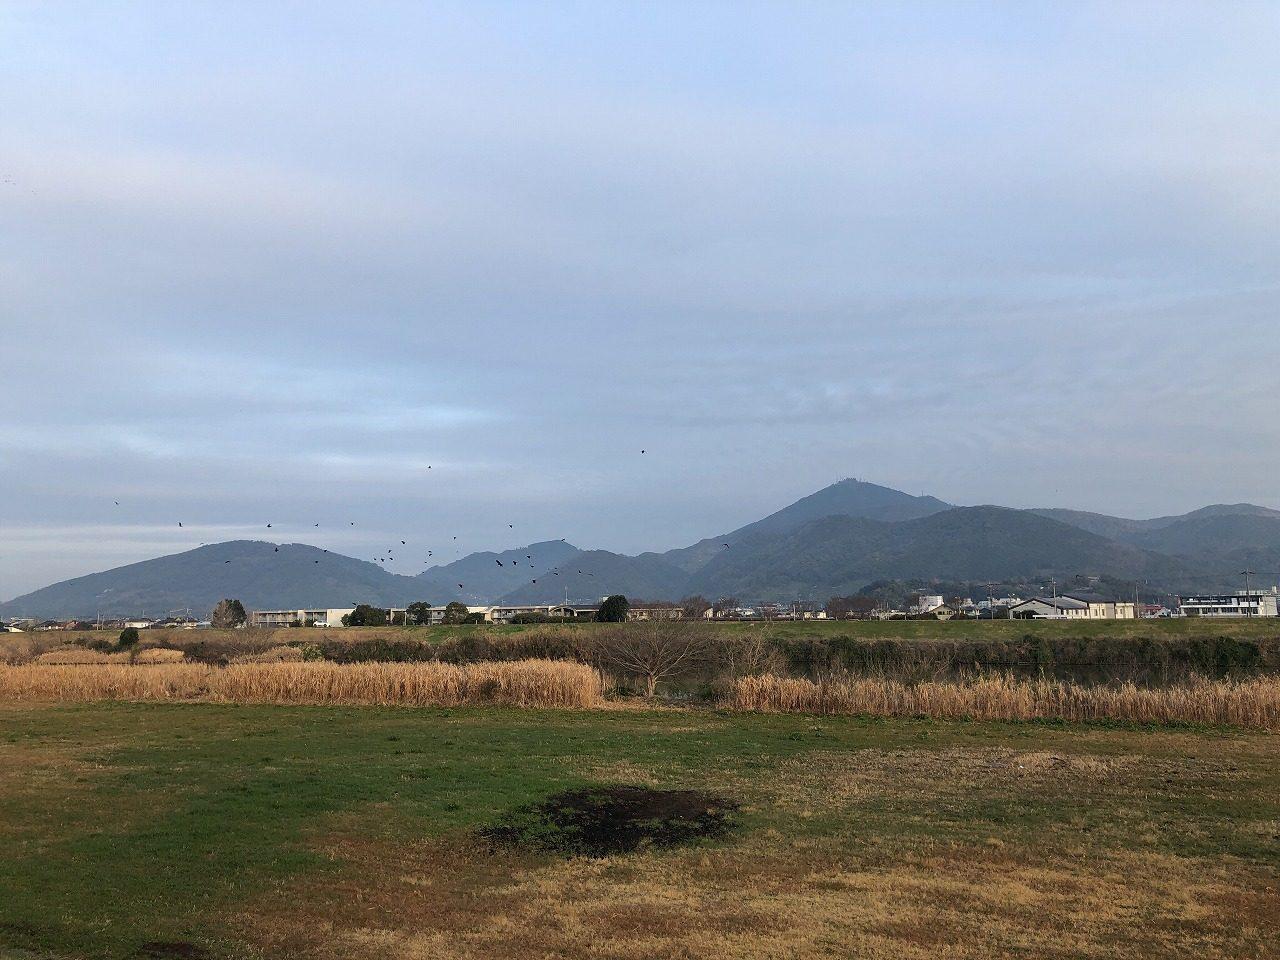 2019.2.25今朝の金峰山です